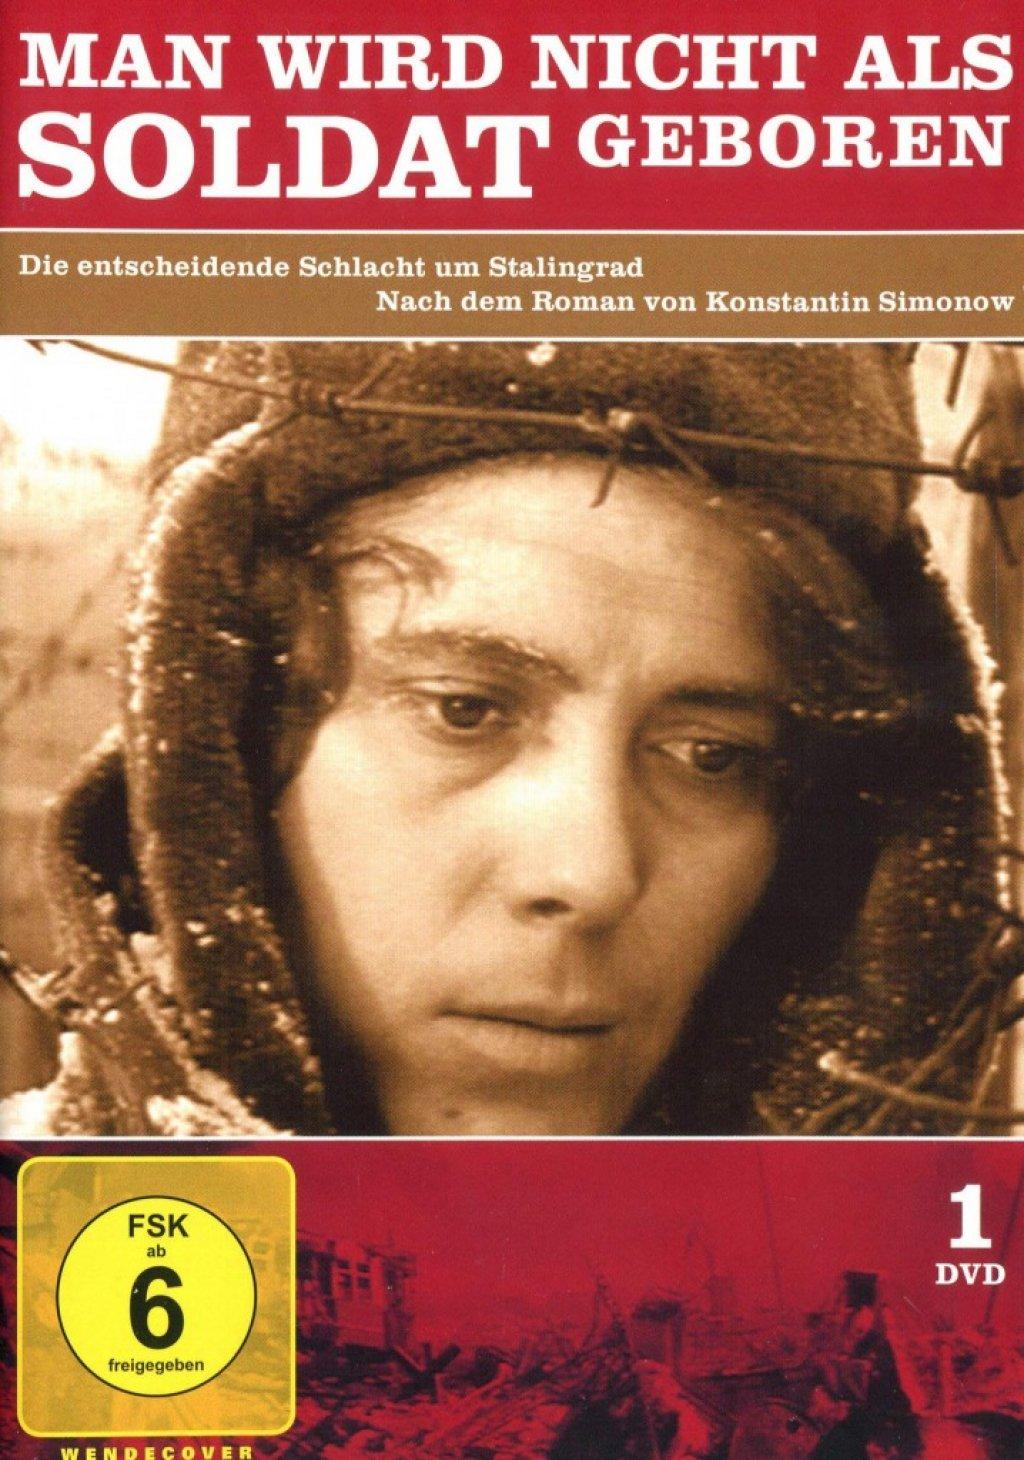 Man wird nicht als Soldat geboren (DVD)